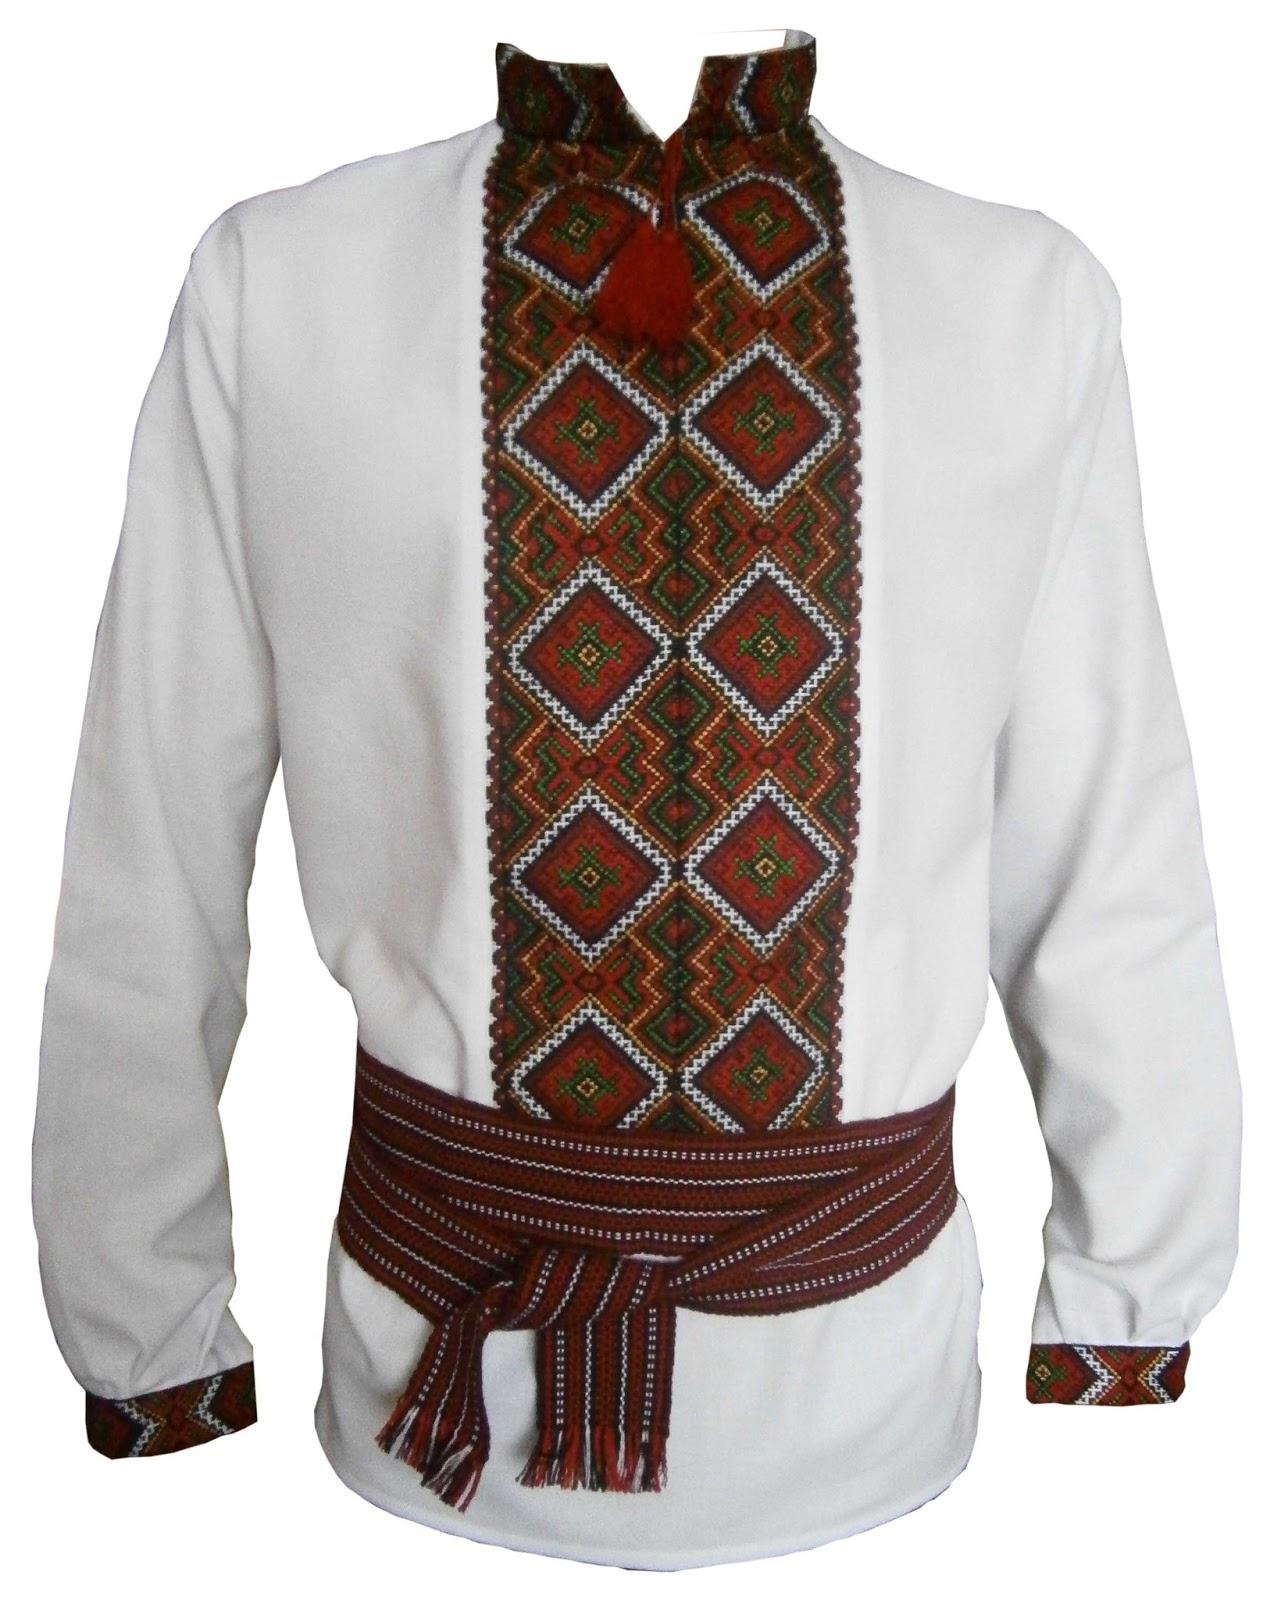 Вишиванка - Інтернет-магазин вишиванок  Де купити чоловічу вишиванку  d4b3b18e9b103